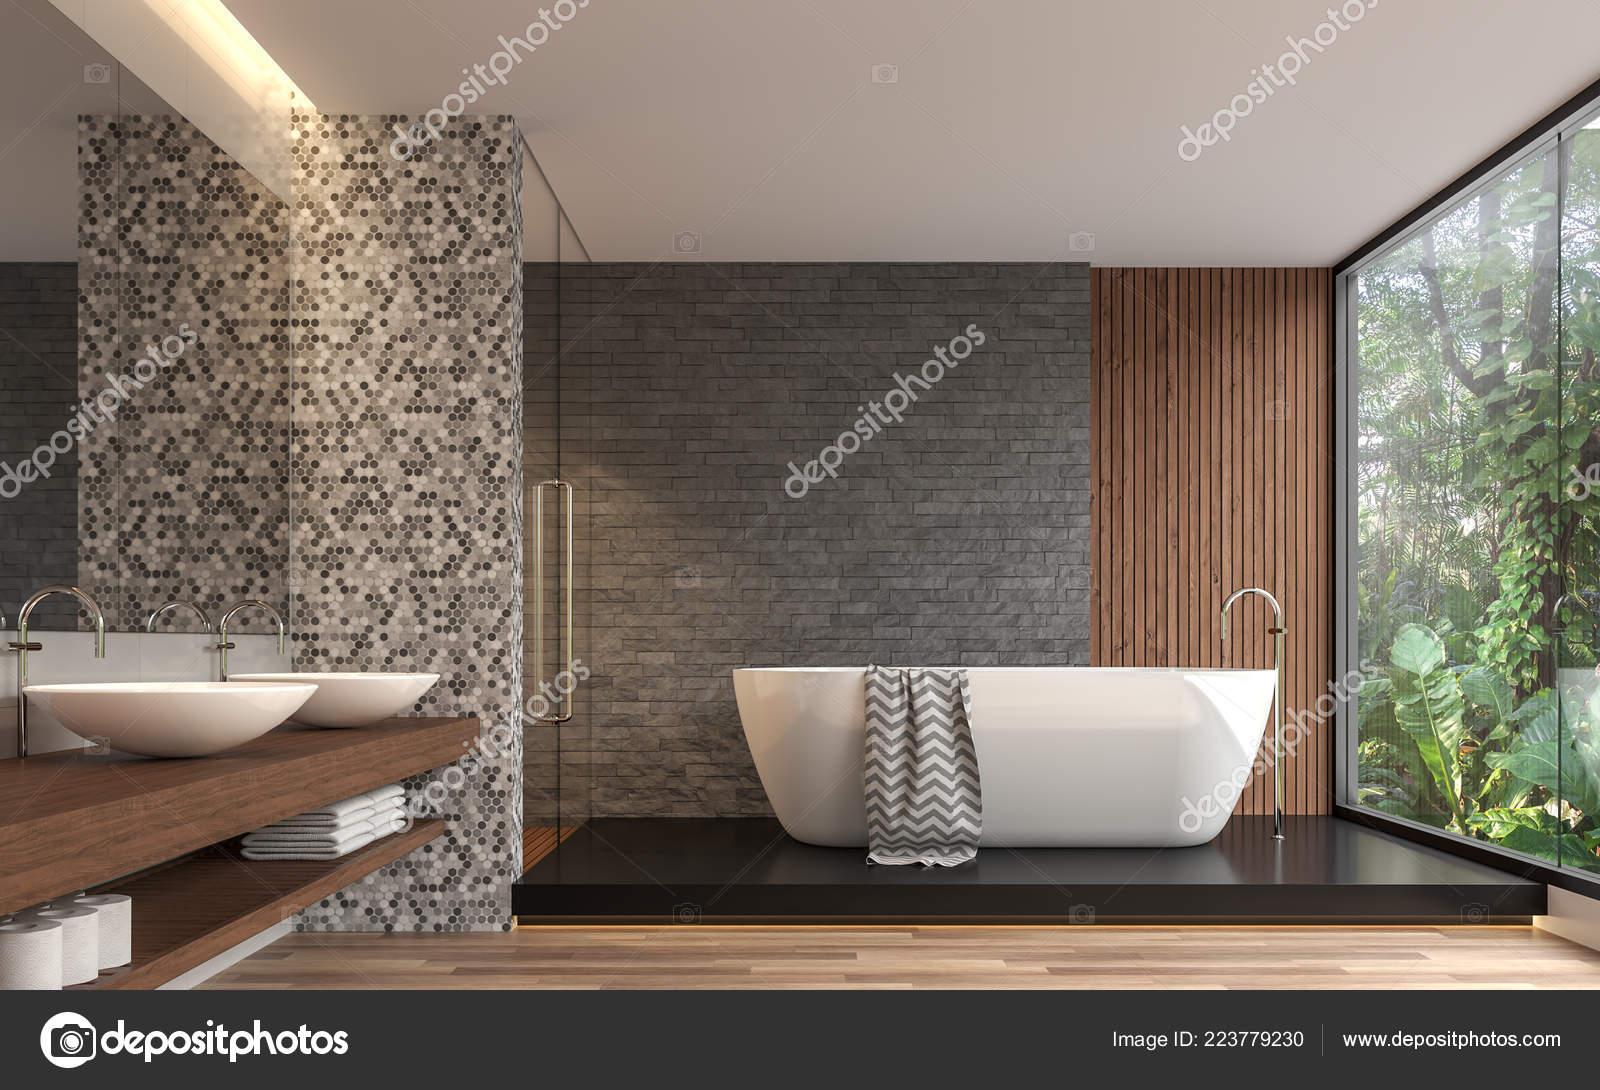 Rendu Moderne Salle Bain Contemporaine Des Mur Brique Pierre